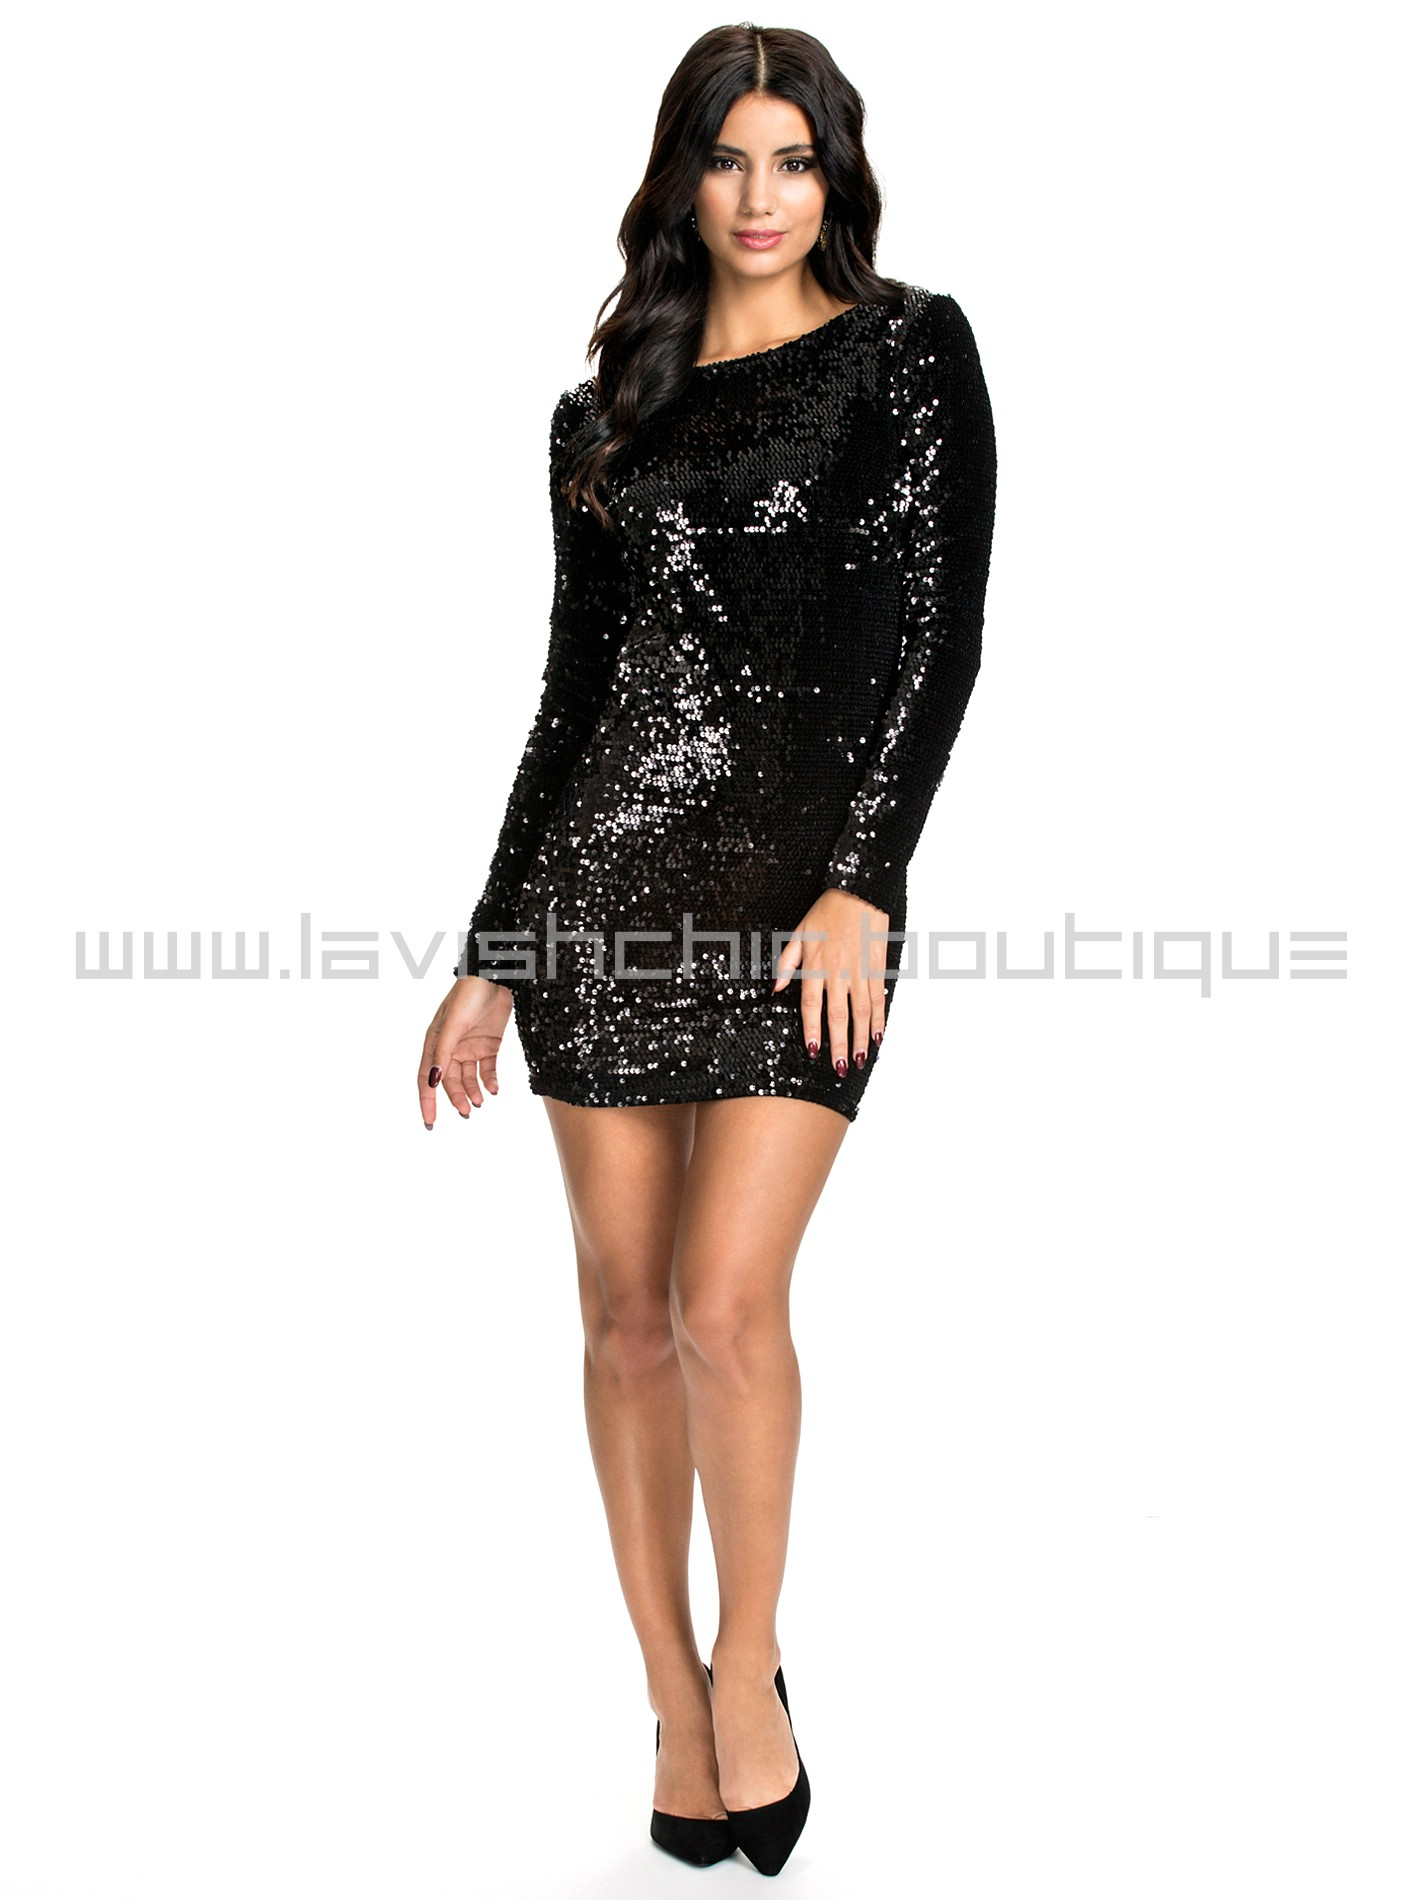 Купить Платье Черное Блестящее